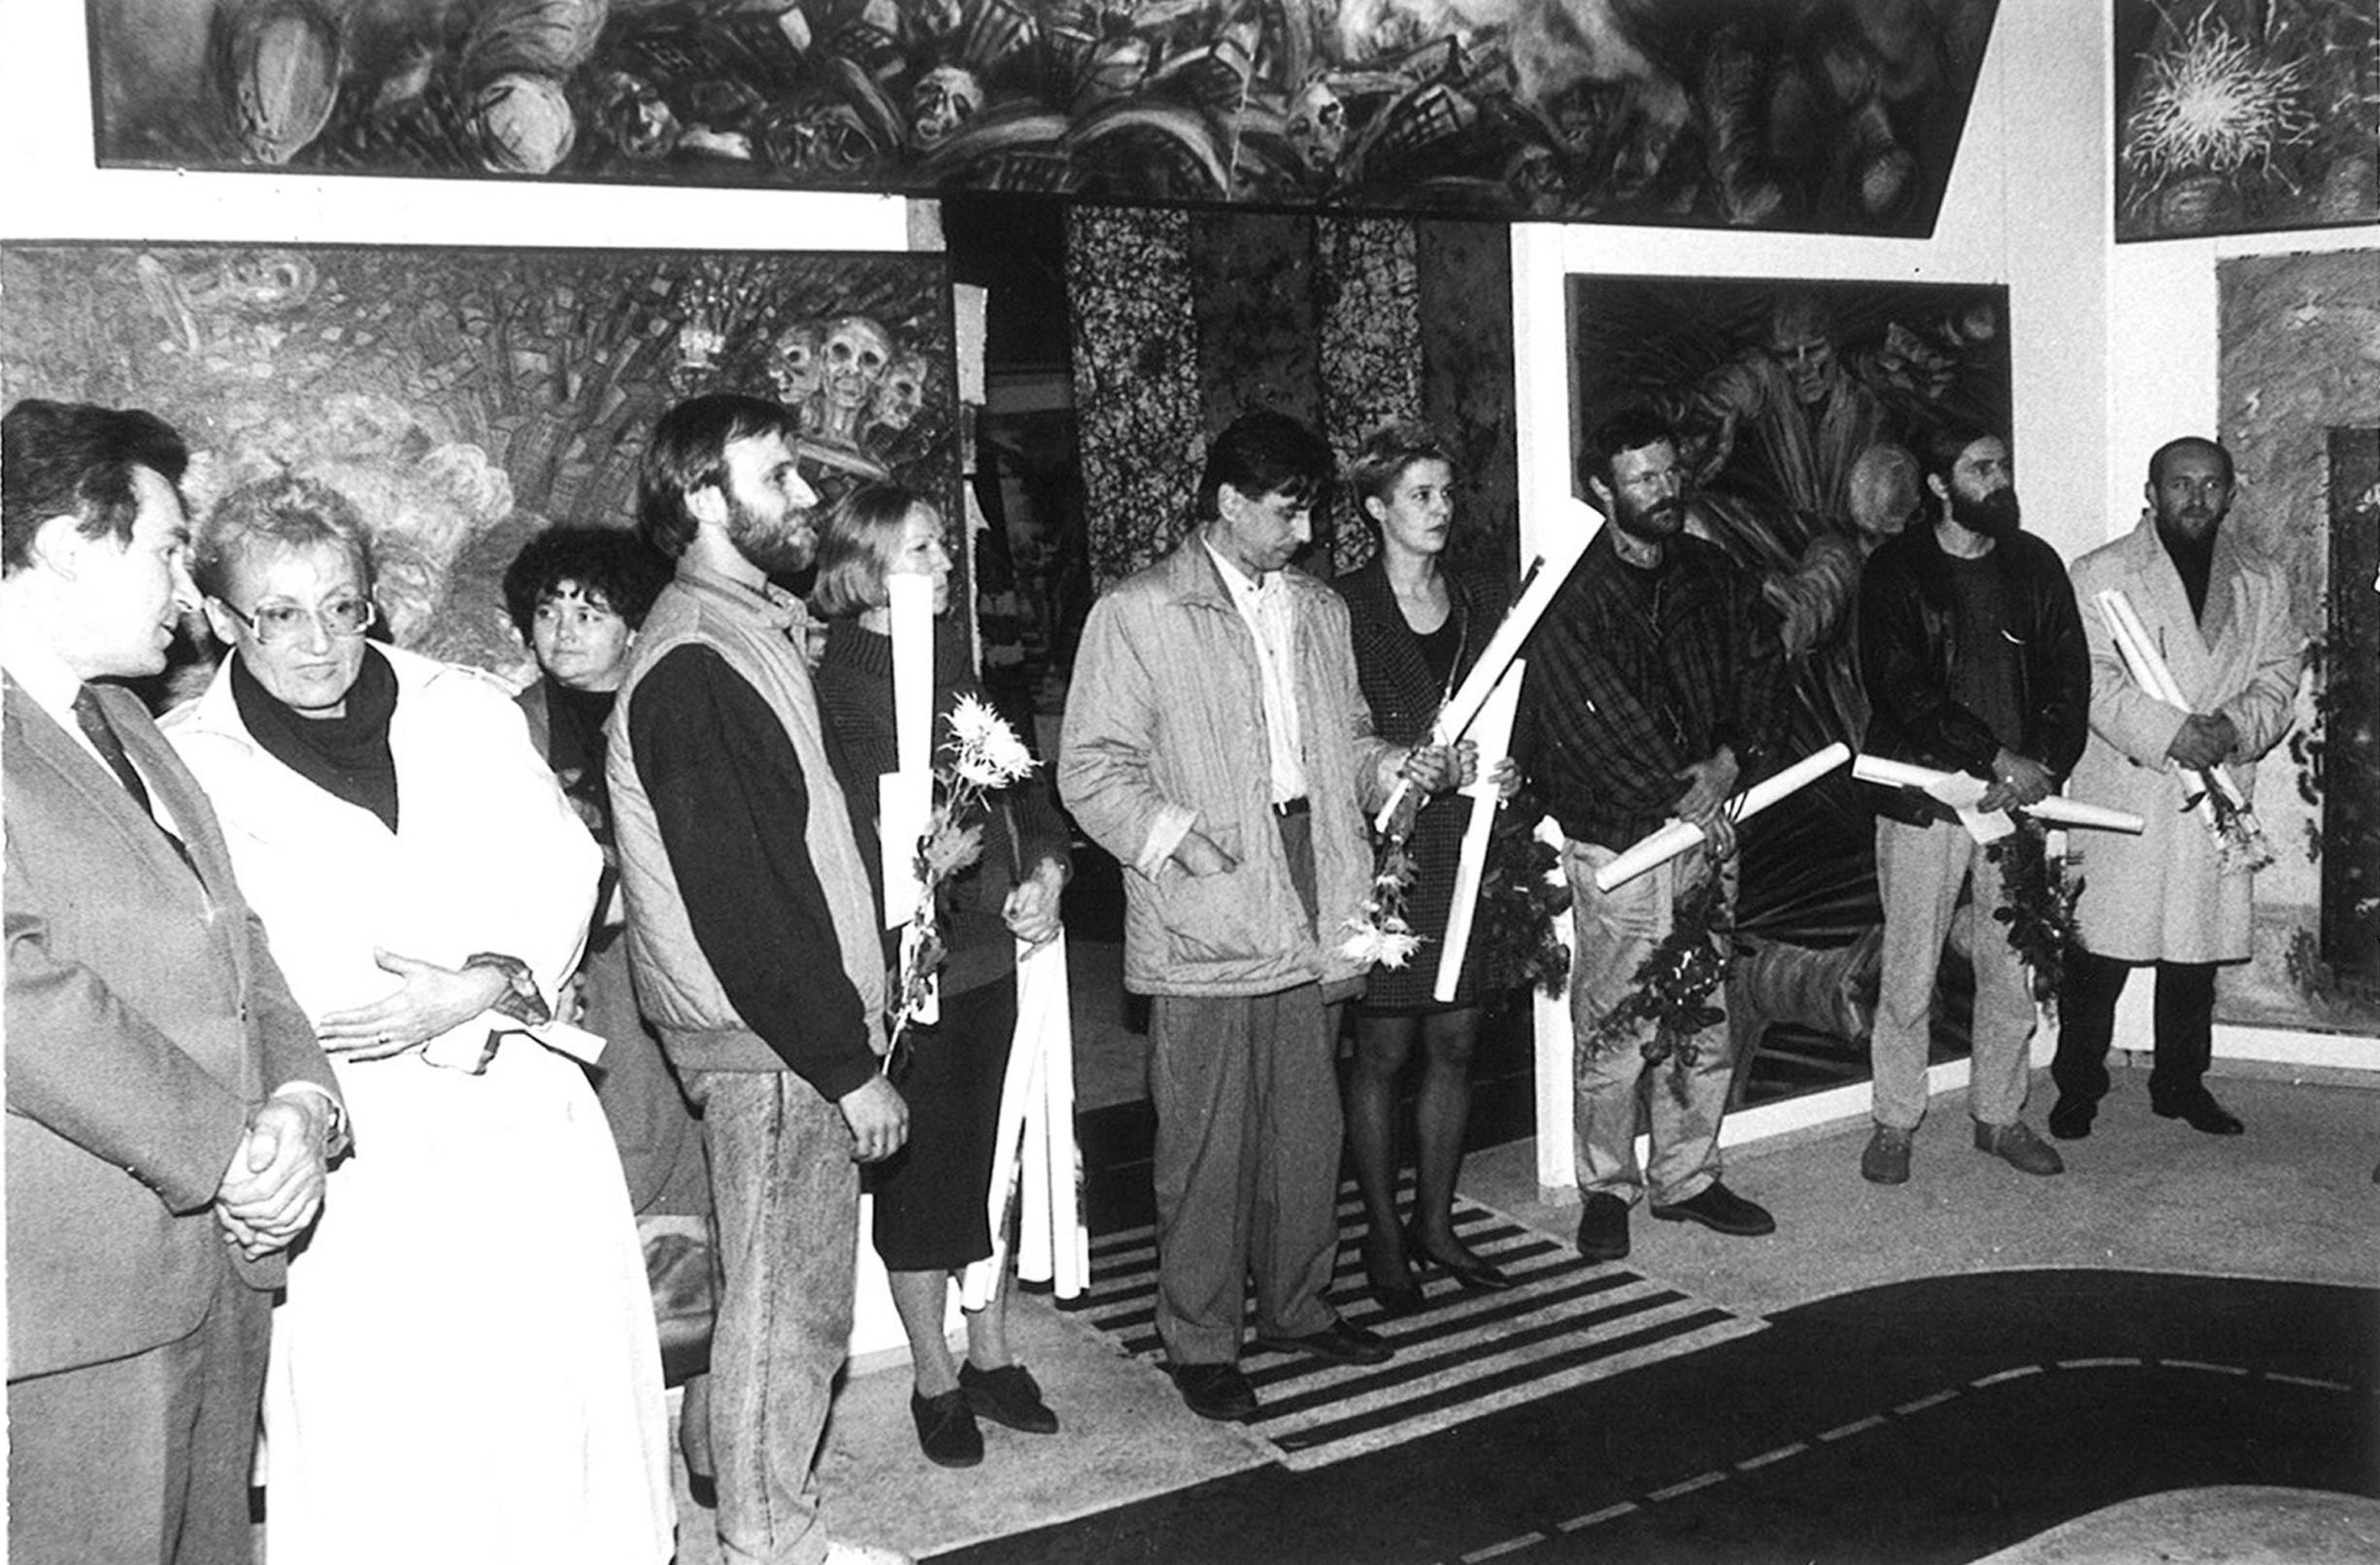 Wystawa - Krytycy o Nas, zdjęcie z wernisażu (nagrodzeni artyści), Sopot BWA 1989